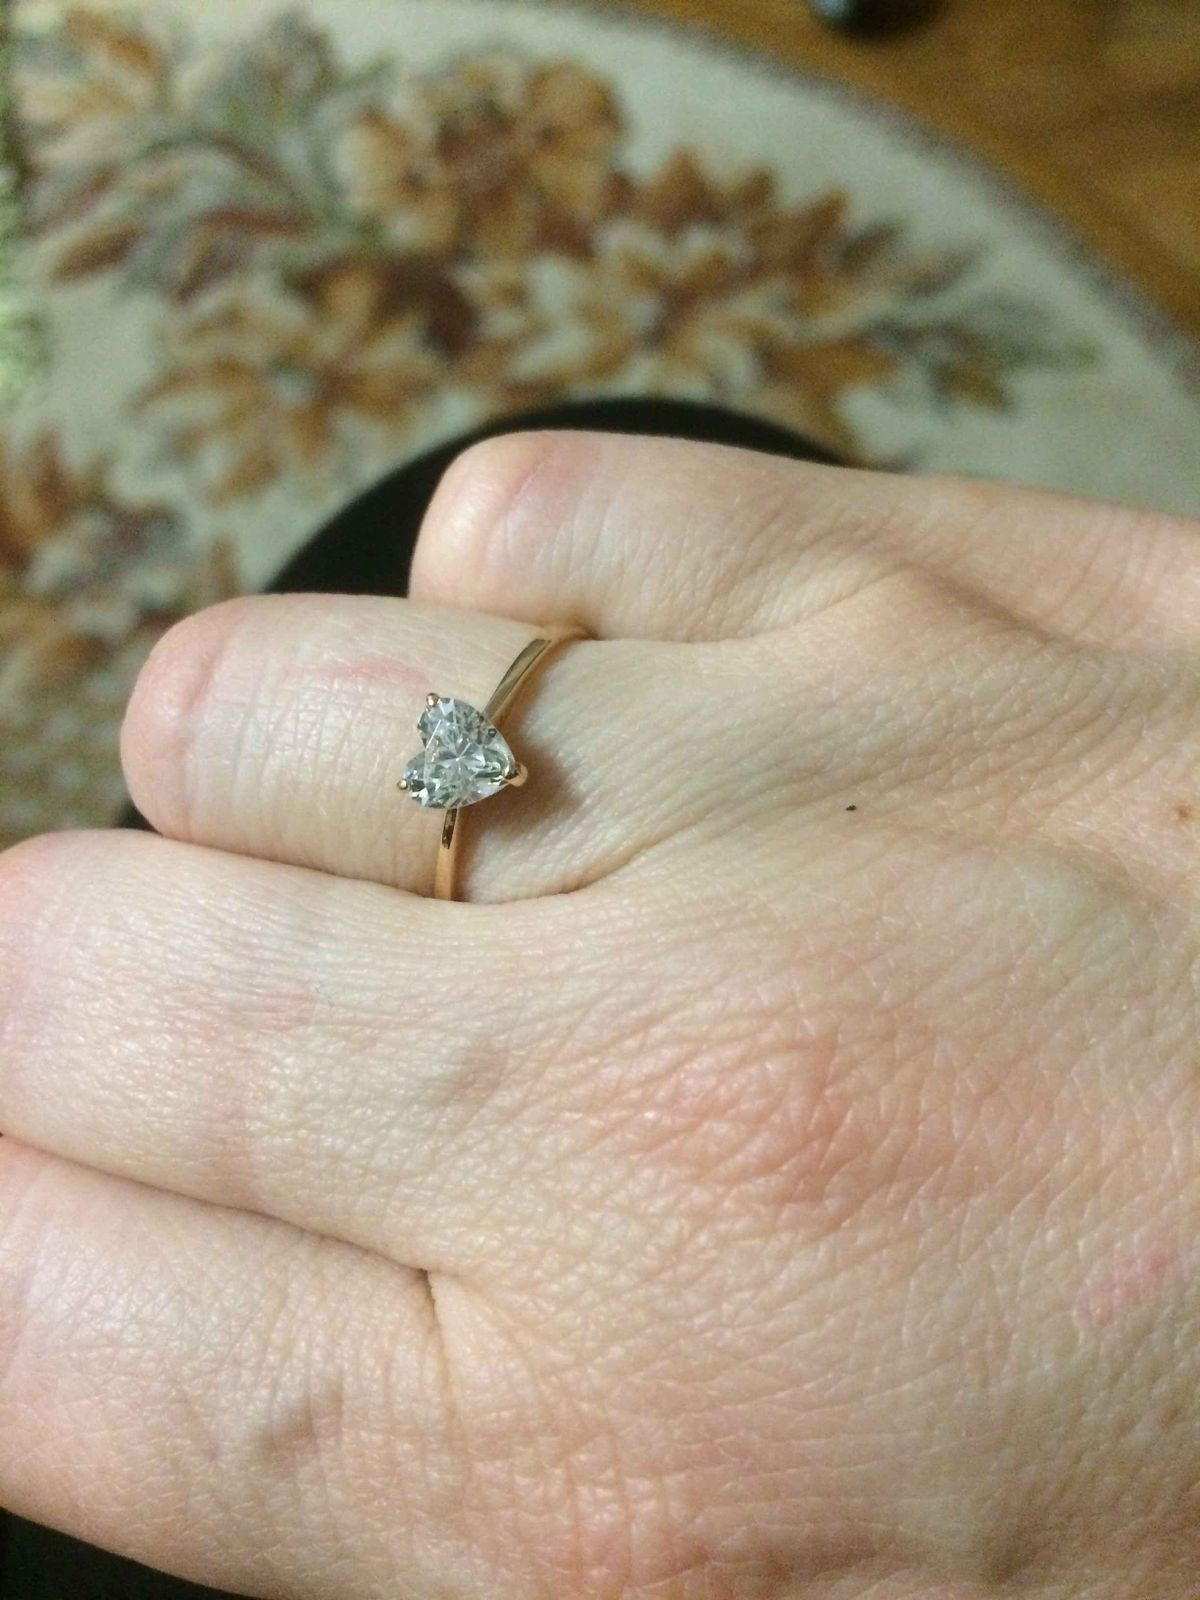 Чудо кольцо !!!💍💍💍💍мне очень нравится 👏🏾👏🏾👏🏾😘😘SL 🎈🎈🎈❤️❤️❤️❤️